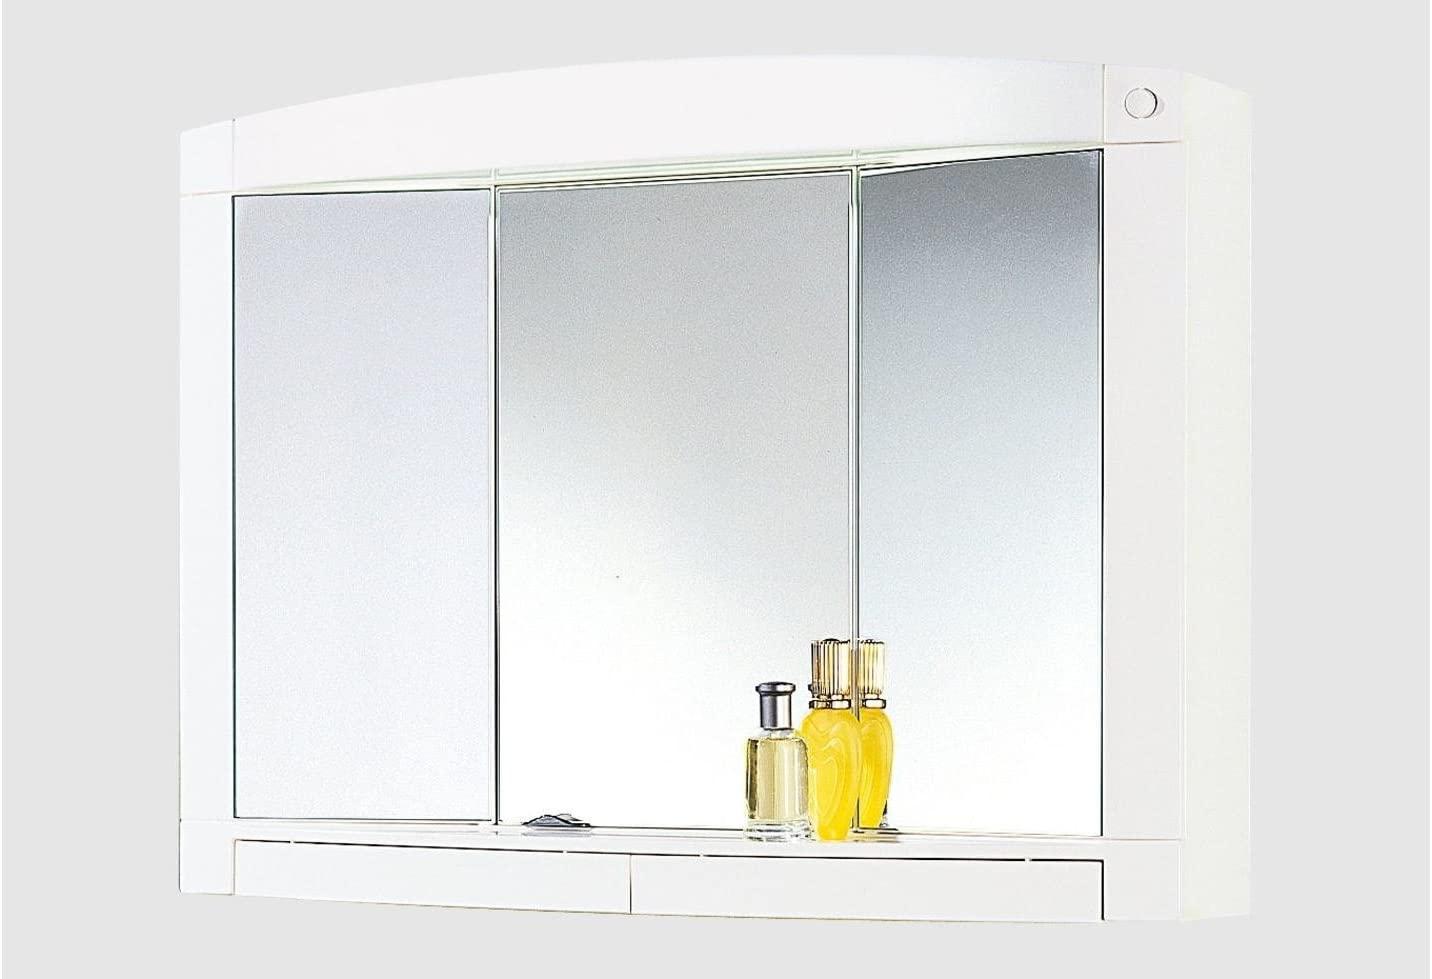 Spiegelschrank Badschrank Badspiegel Schrank 3 Spiegeltüren mit Ablage Licht Schalter Weiß Modern